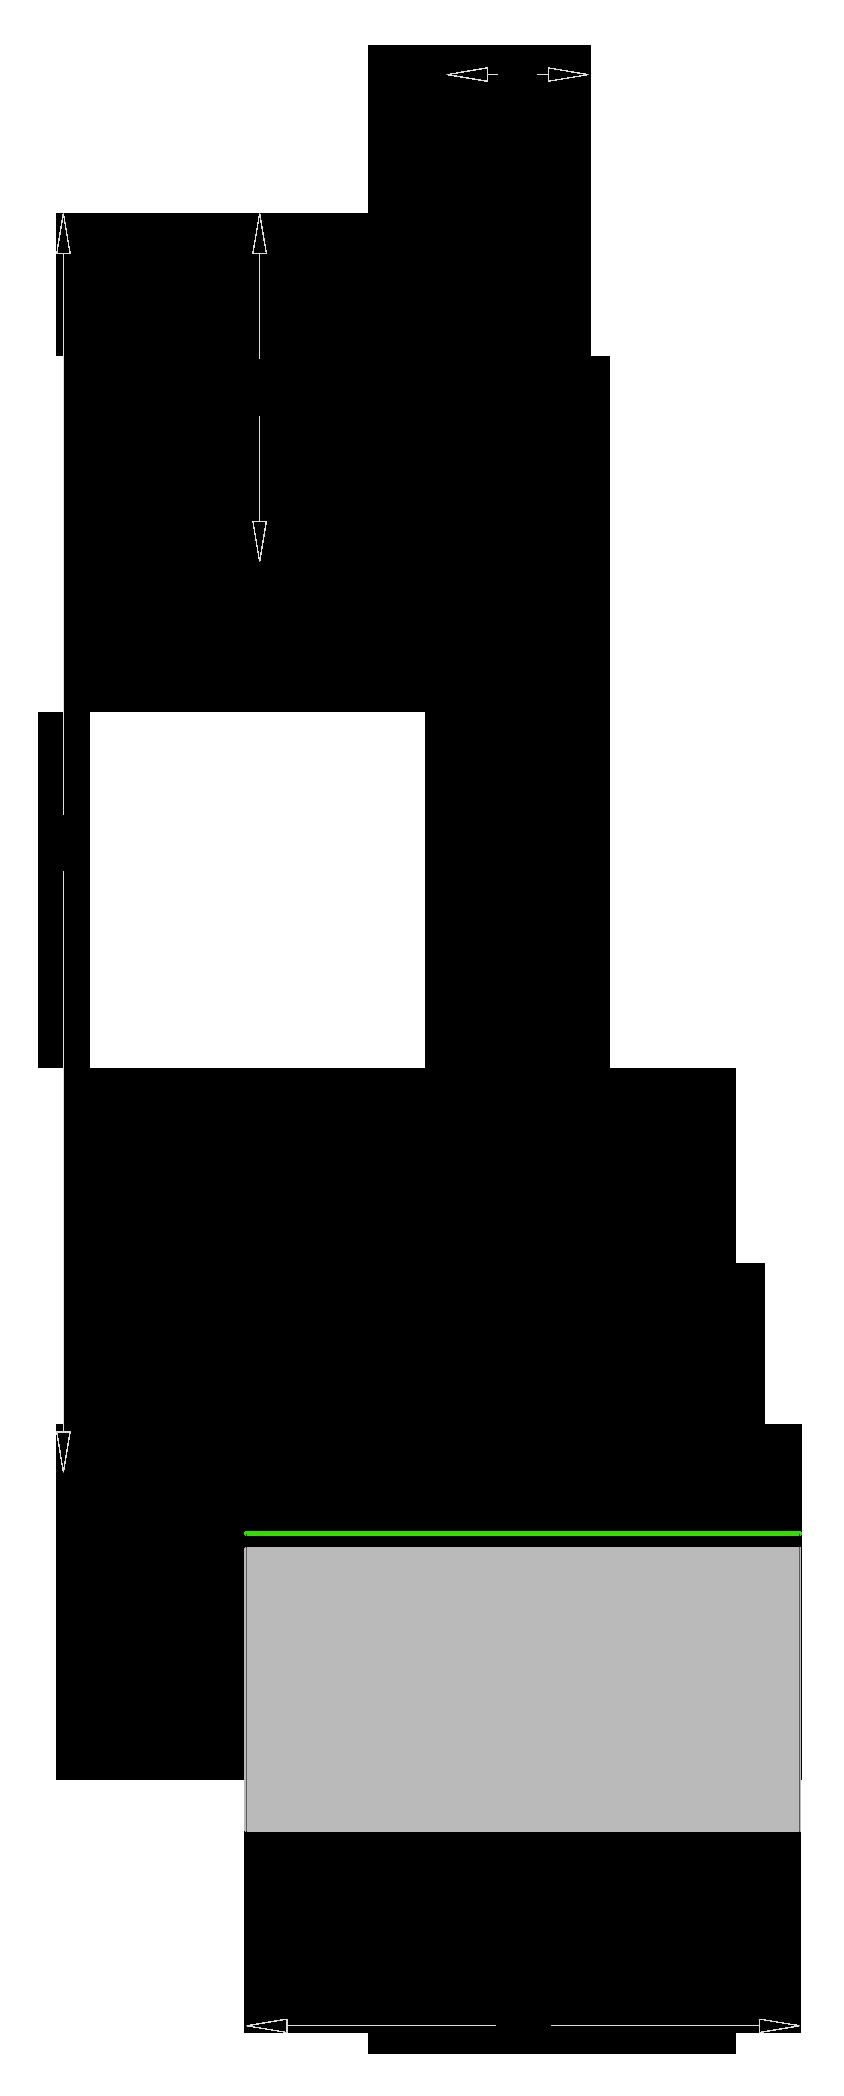 per trapano tipo Forstner - Tagliente standard - disegno tecnico